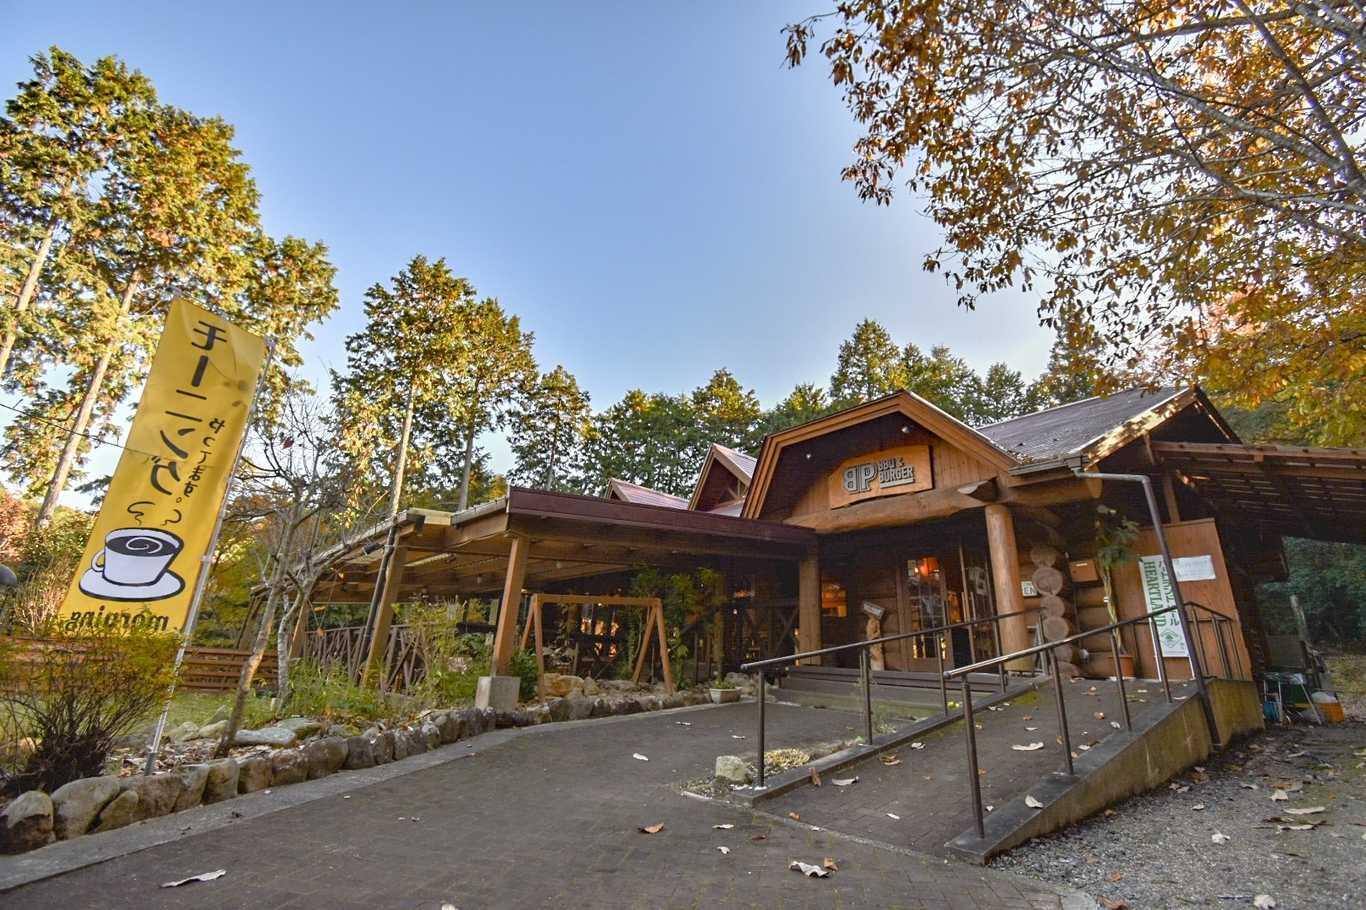 丹波悠遊の森 の公式写真c2551